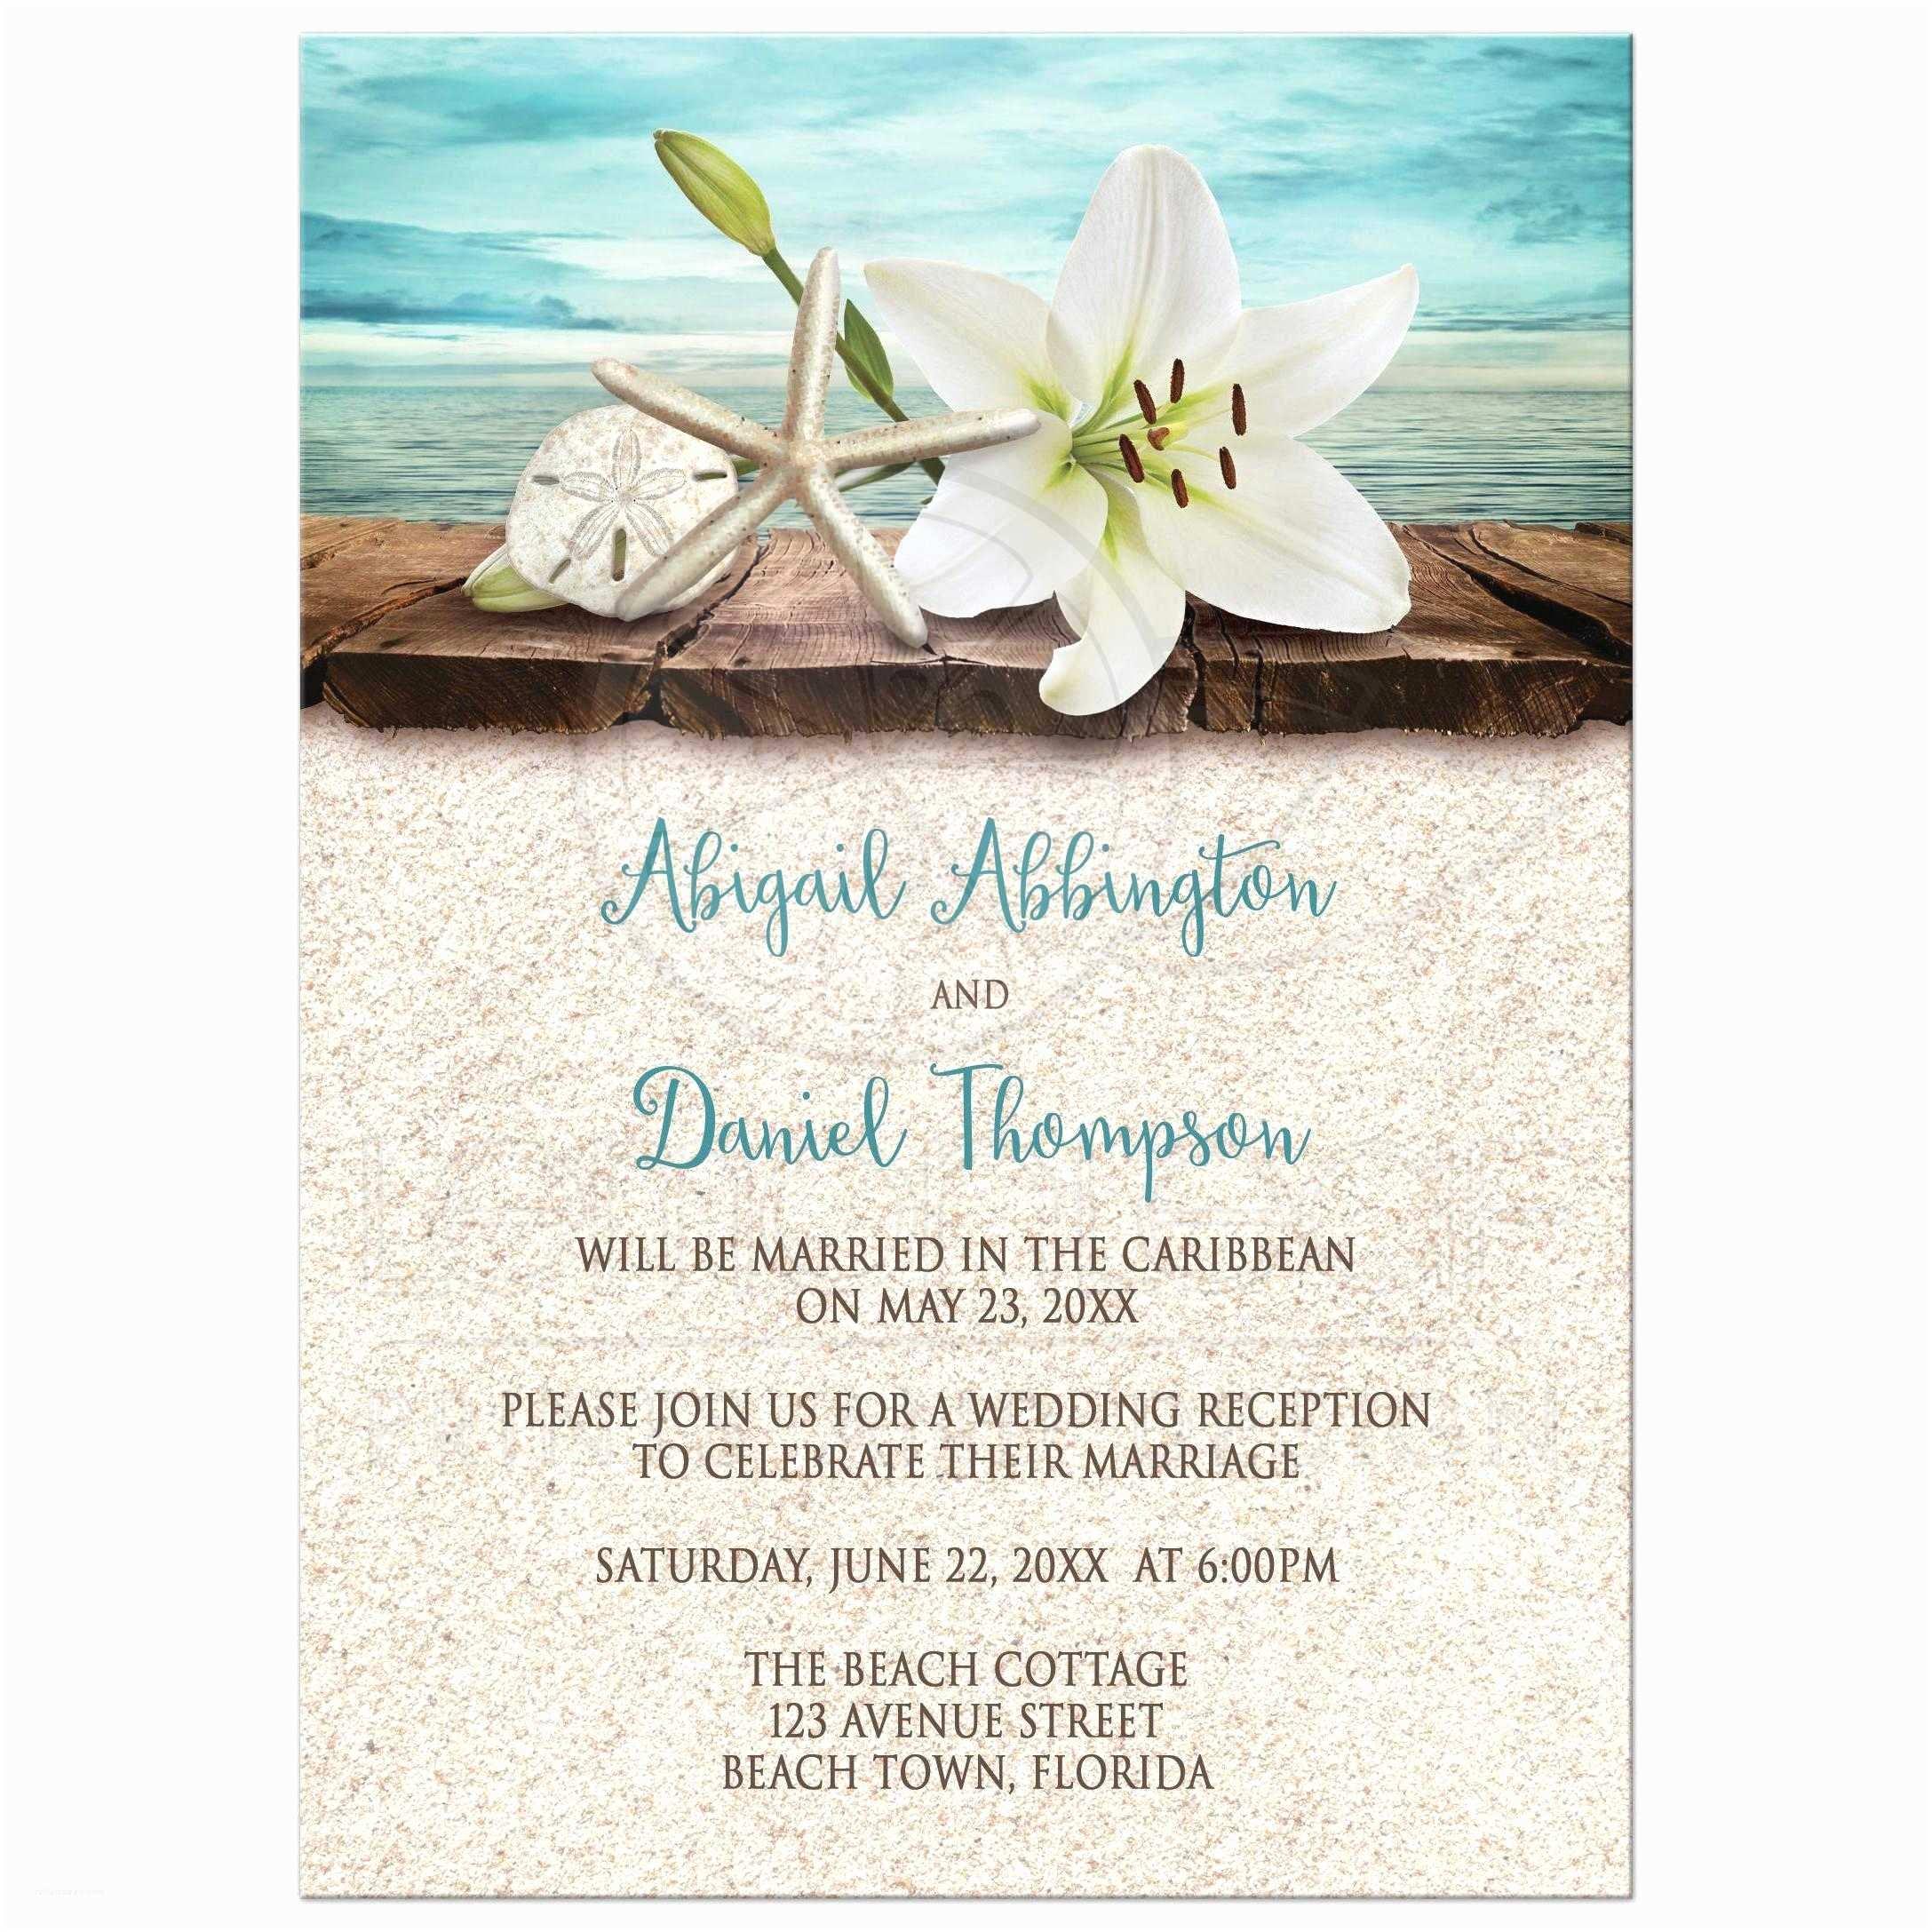 A Wedding Invitation Wedding Invitations Beach Reception Invitations Invite